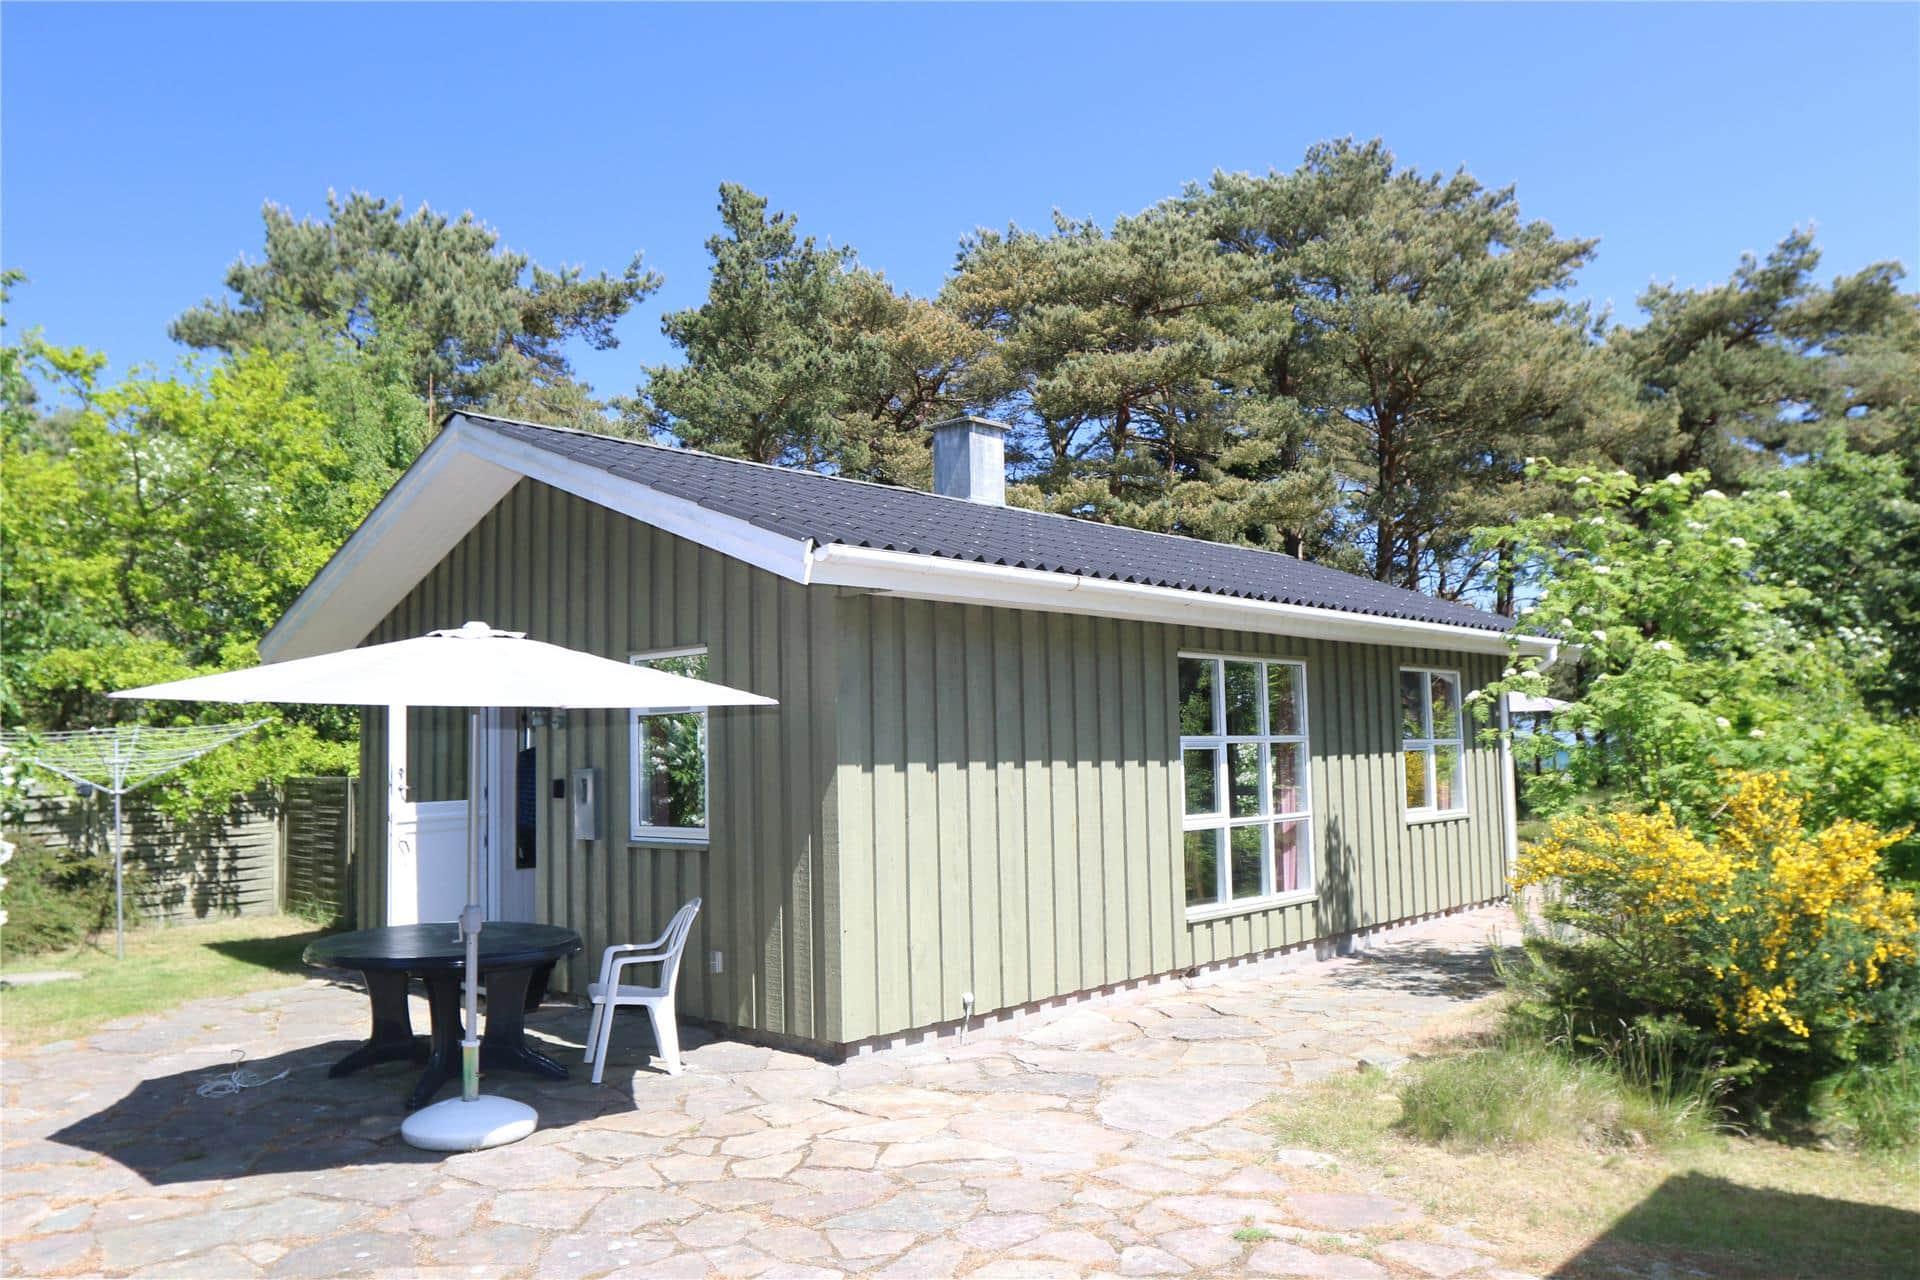 Billede 1-10 Sommerhus 3625, Odden 9, DK - 3730 Nexø